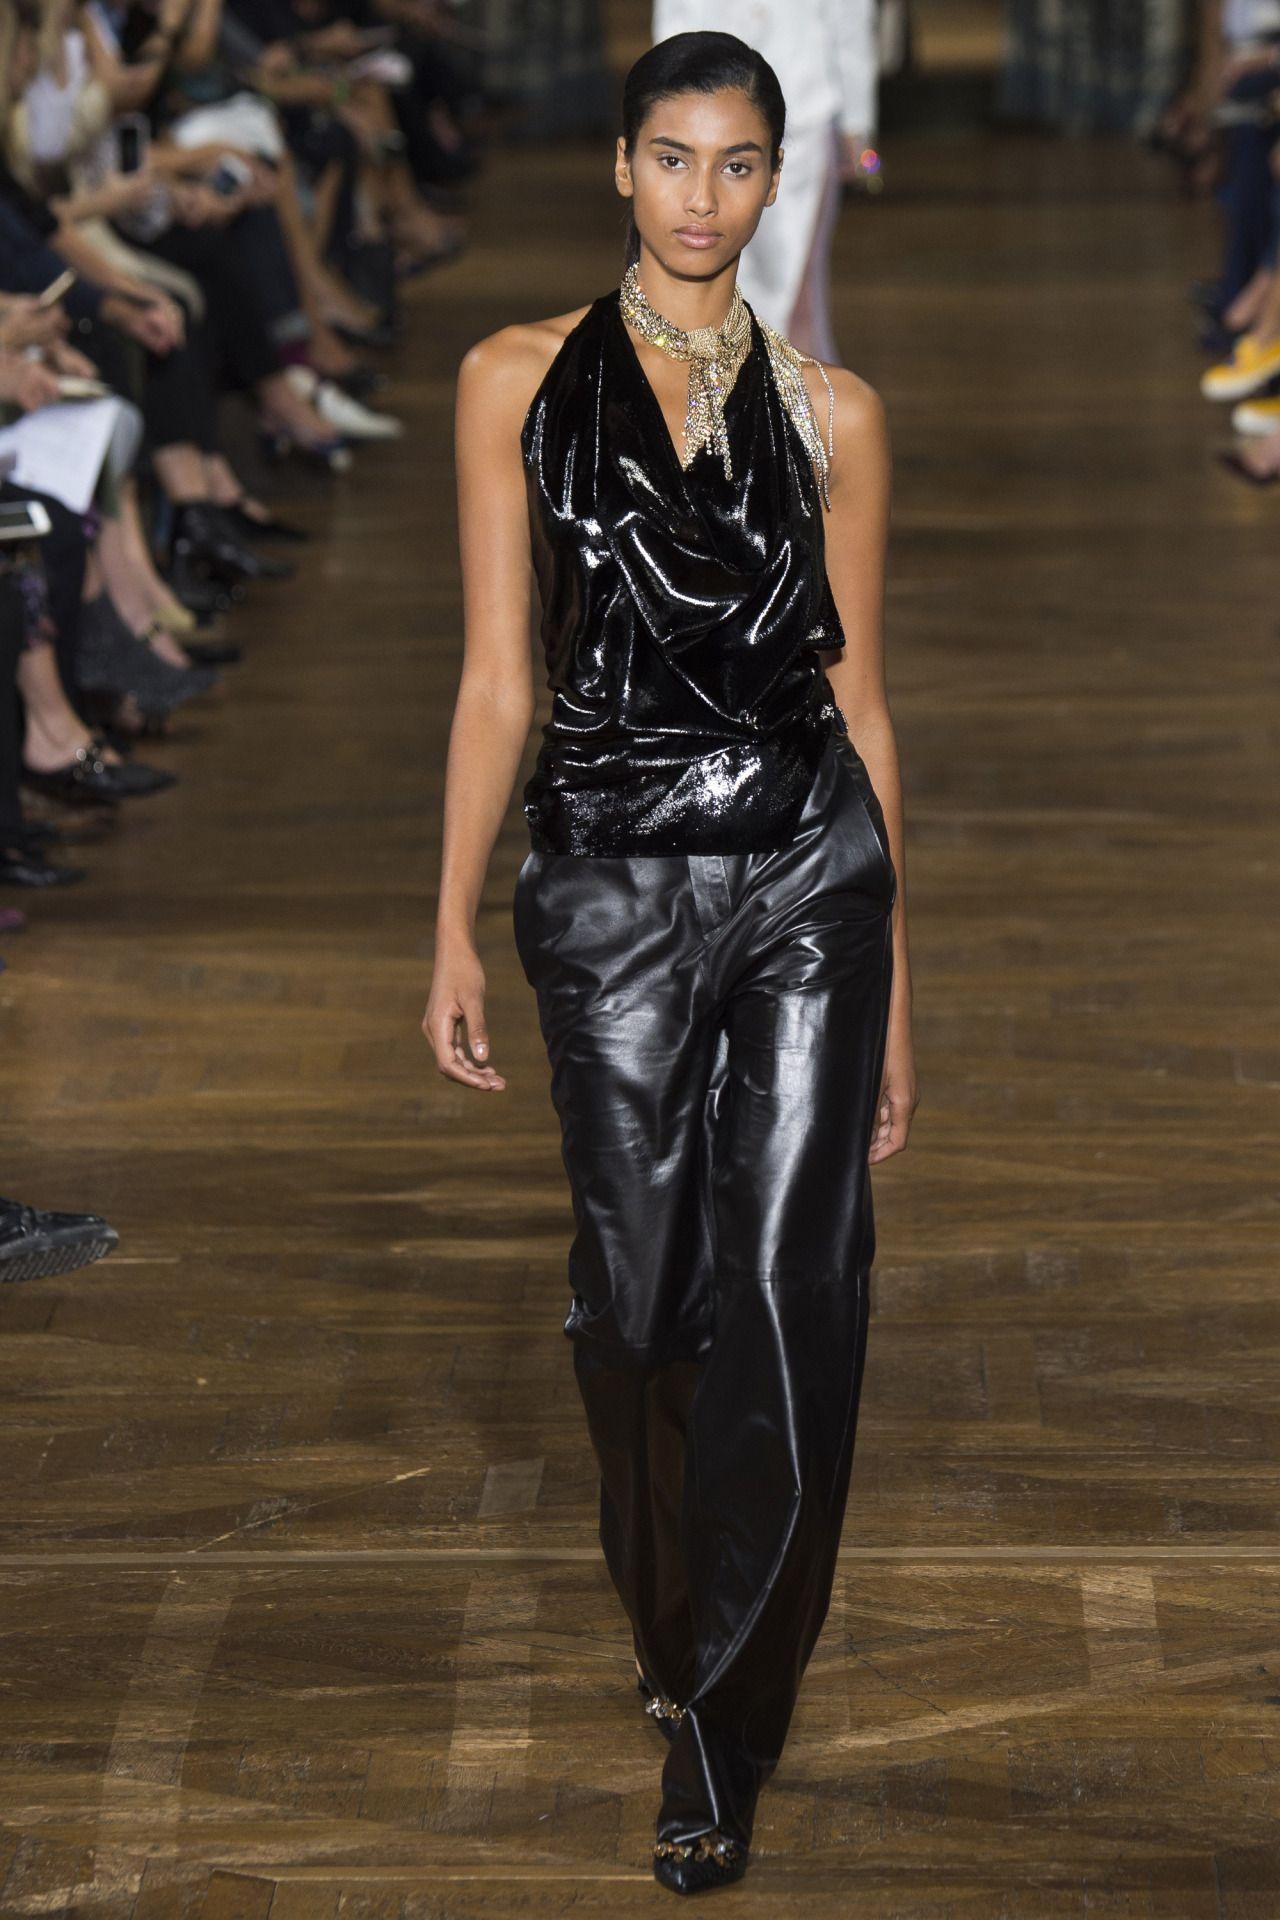 Lanvin   Paris Fashion Week   Spring 2017 Model: Imaan Hammam